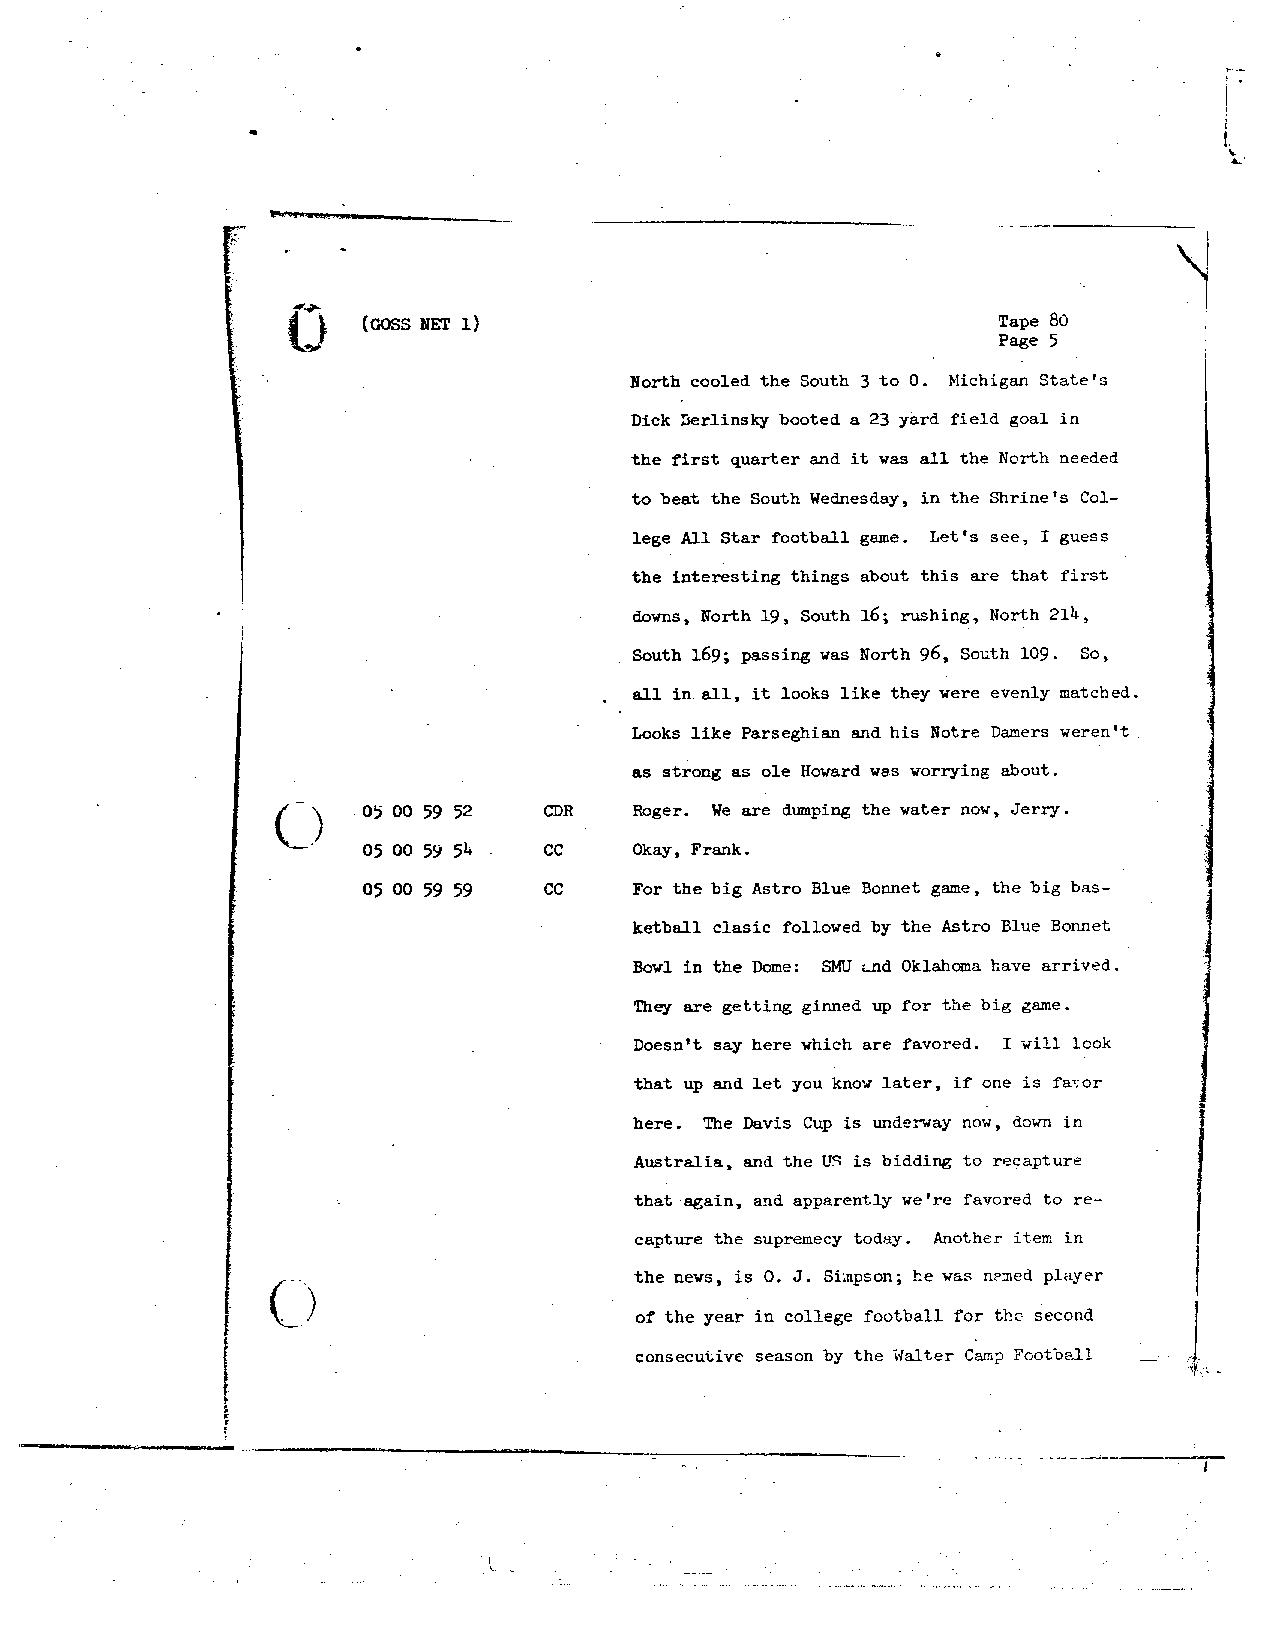 Page 662 of Apollo 8's original transcript